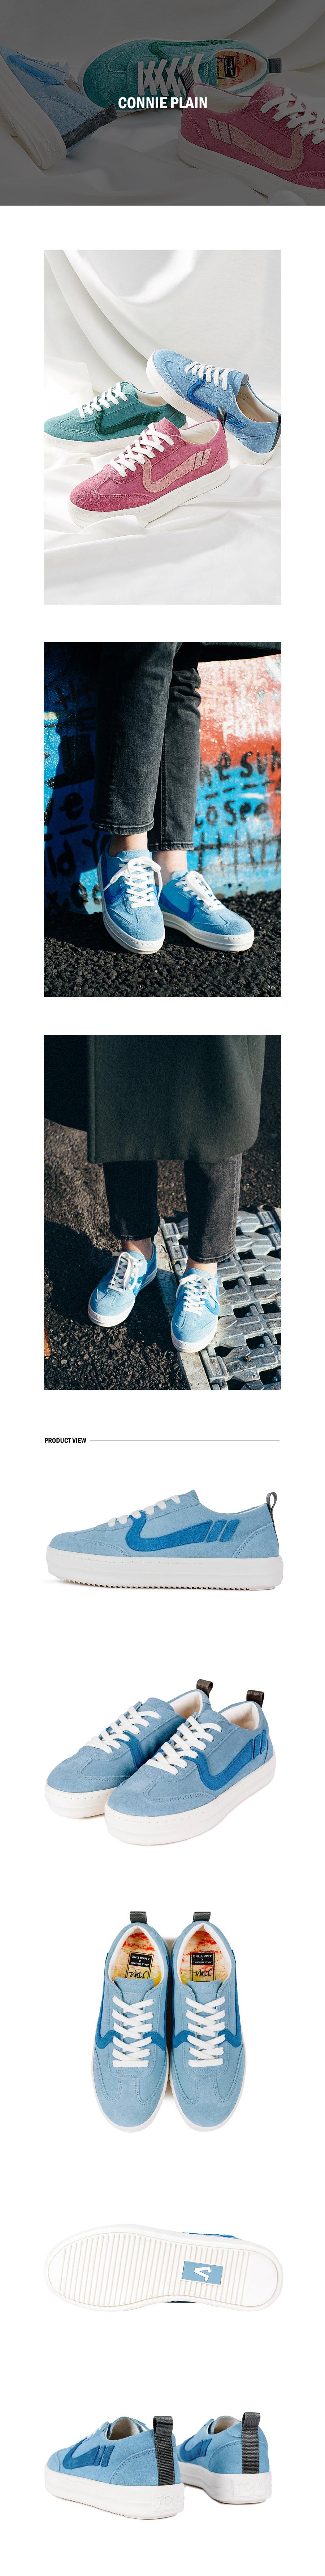 제이다울(J.DAUL) 코니 플레인_CONNIE PLAIN LITTLEBOY BLUE_JD13